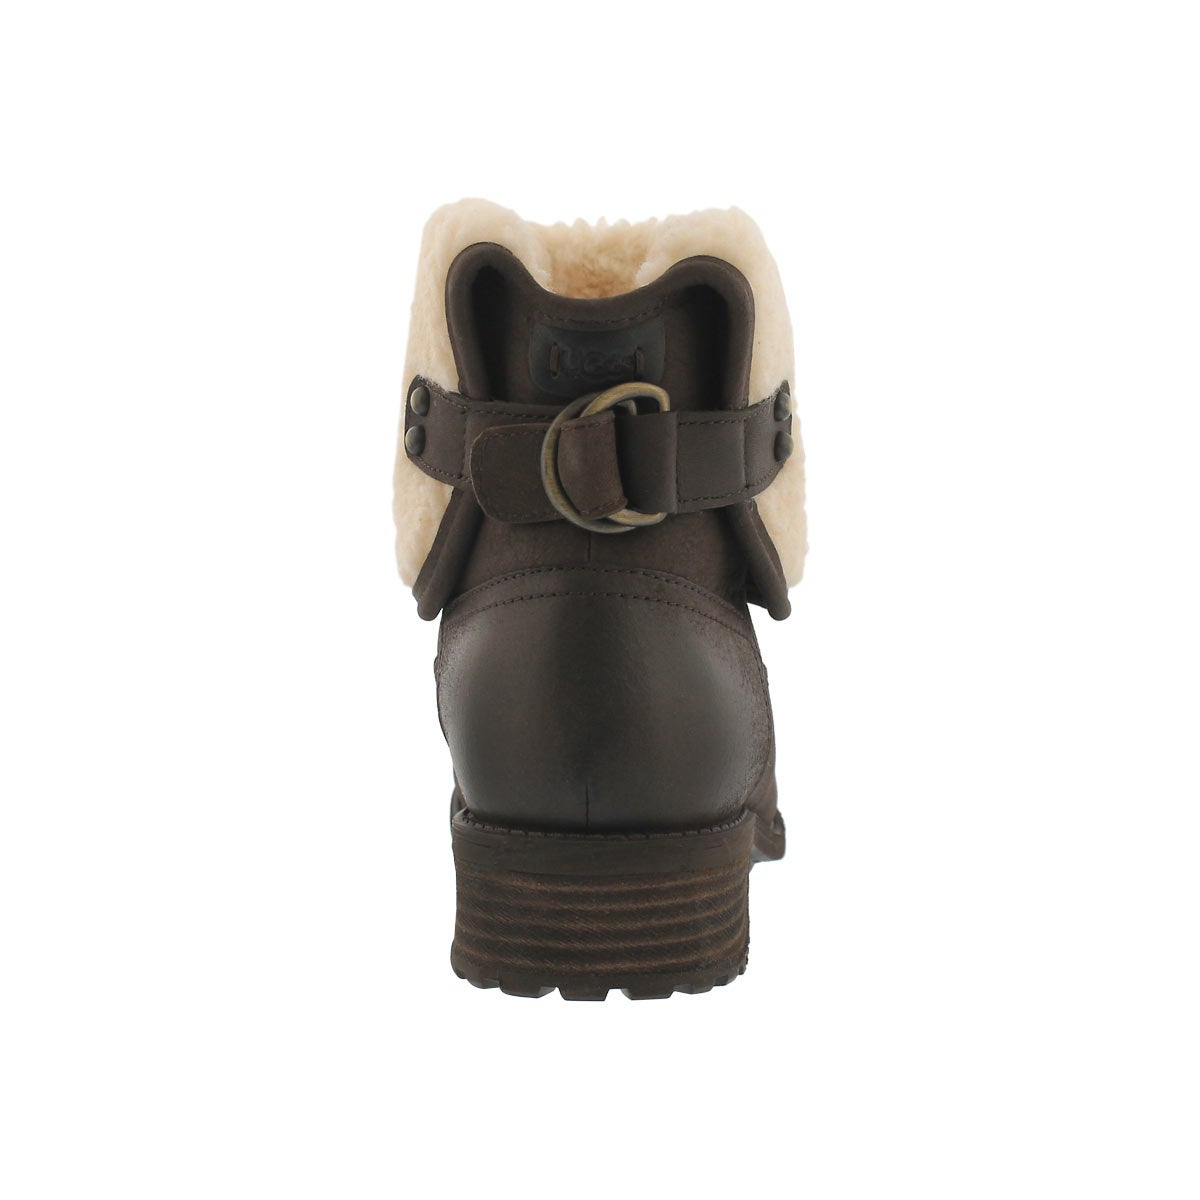 Lds Aldon stout fold cuff boot